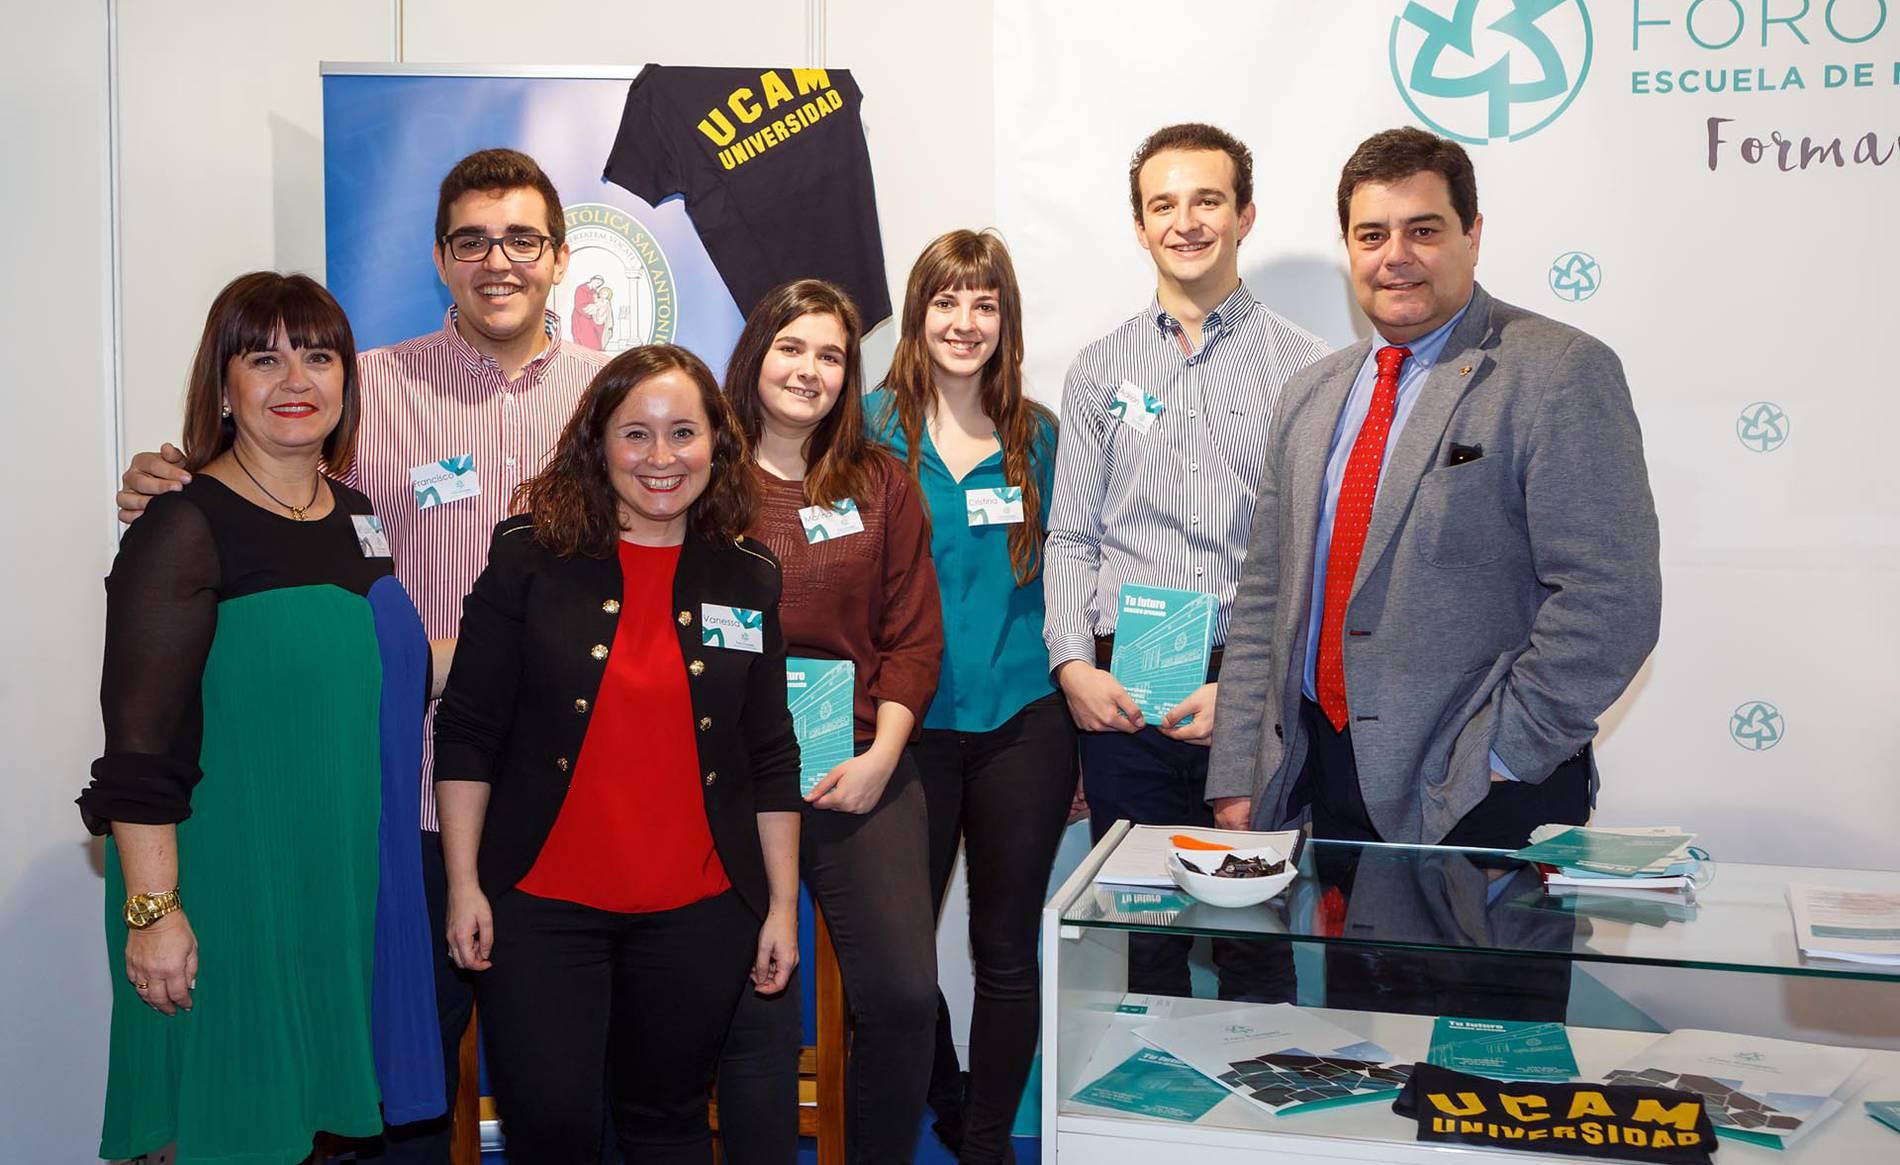 director de Foro Europeo, Pedro Baile; la directora de los Grados, Mª Luisa Ordóñez y yo misma, junto a algunos alumnos de los Grados de Administración y Finanzas y Asistencia a la Dire